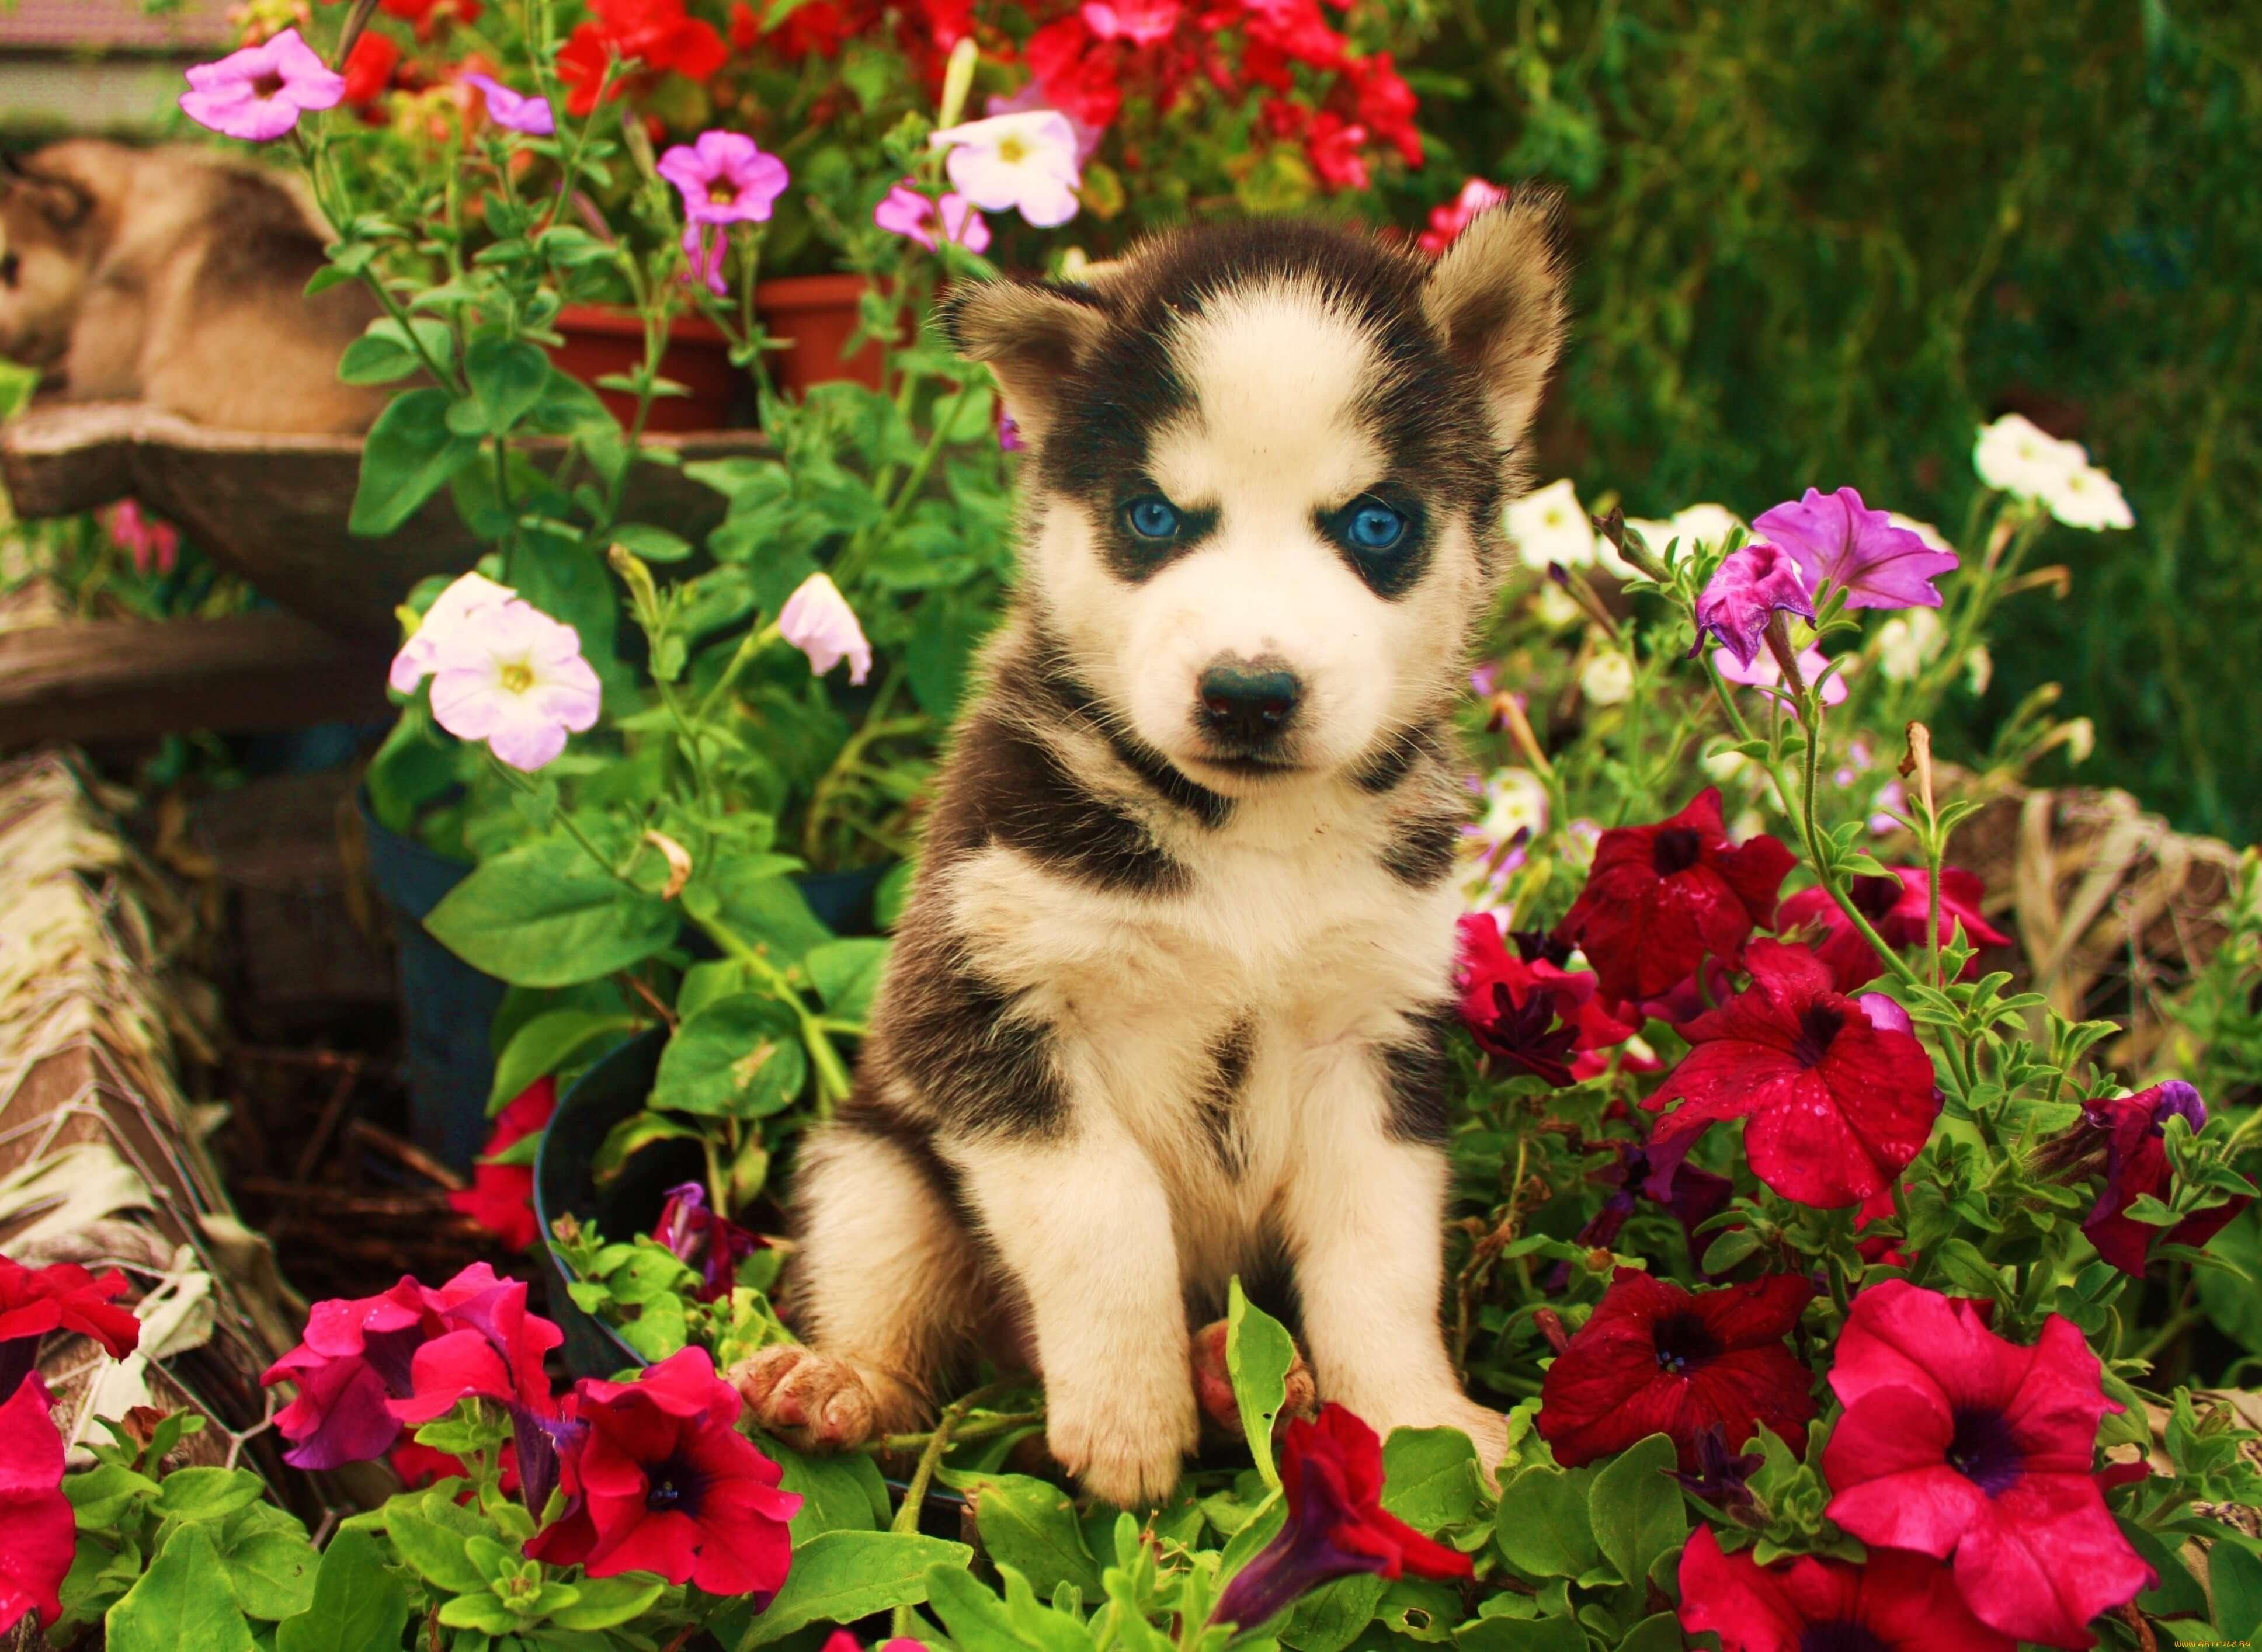 Красивые картинки с животными и цветами - самые интересные 3